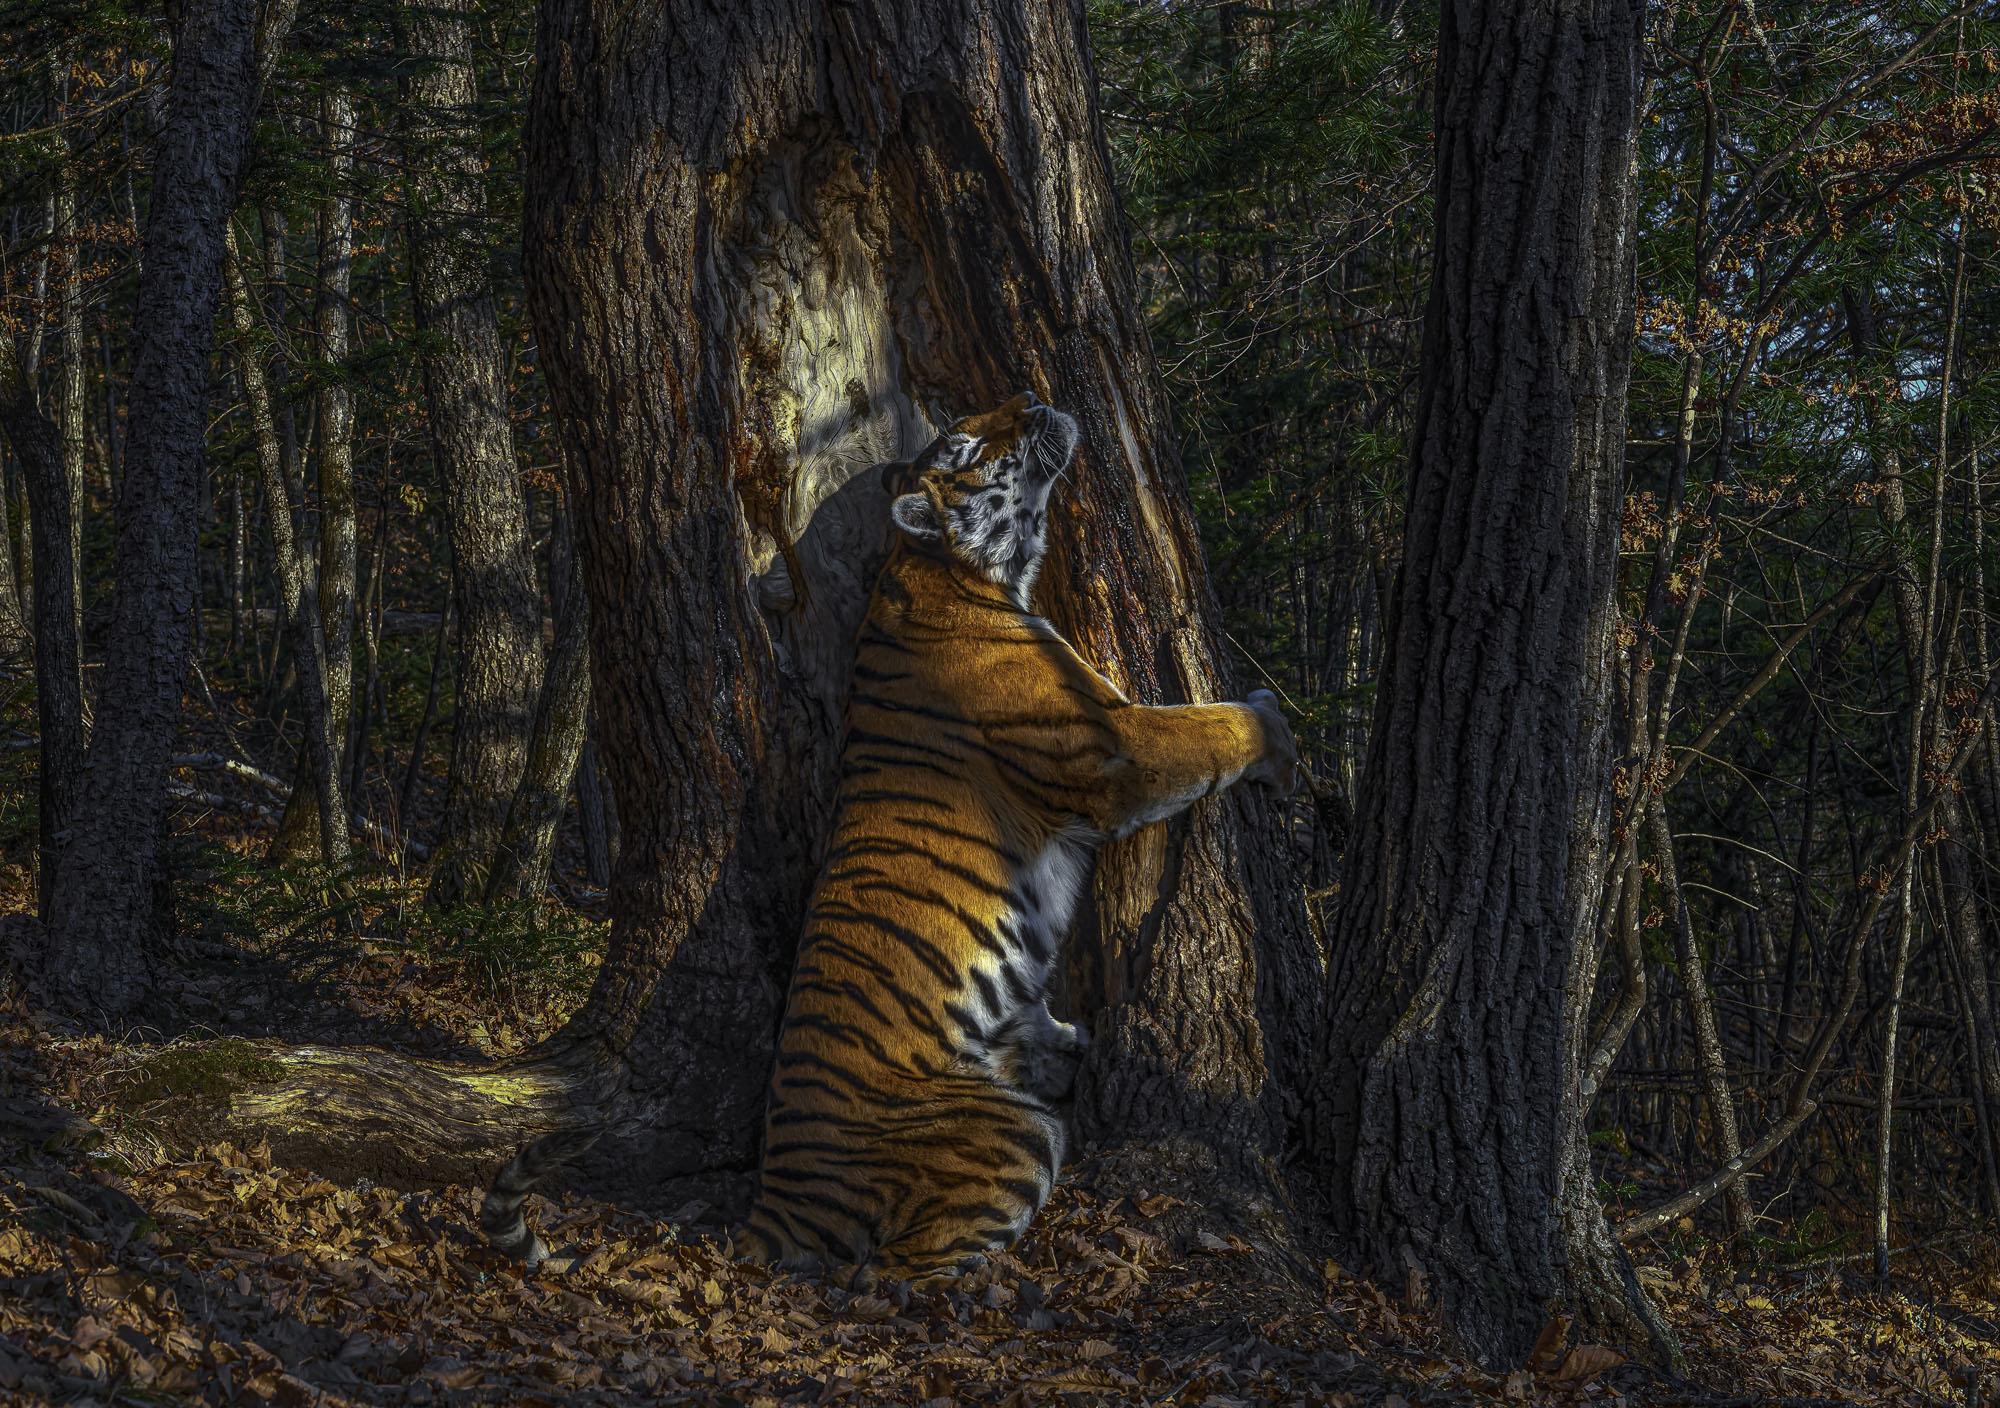 Aishwarya Sridhar wins the World Wildlife Photographer of the year award.